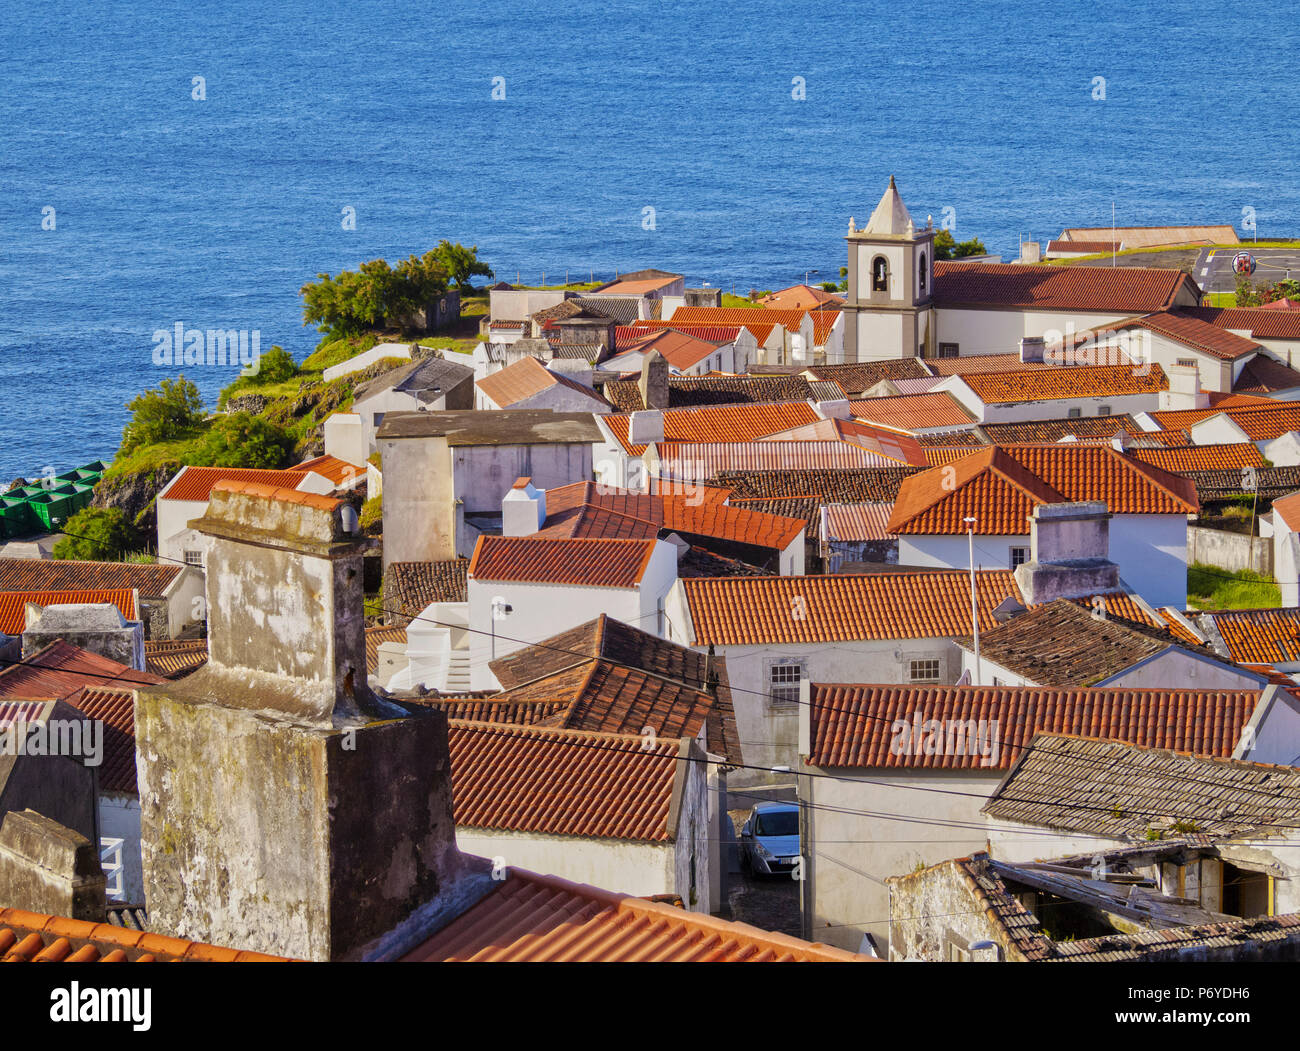 Portugal, Azores, Corvo, Vila do Corvo, niveles elevados de vistas de la ciudad. Imagen De Stock